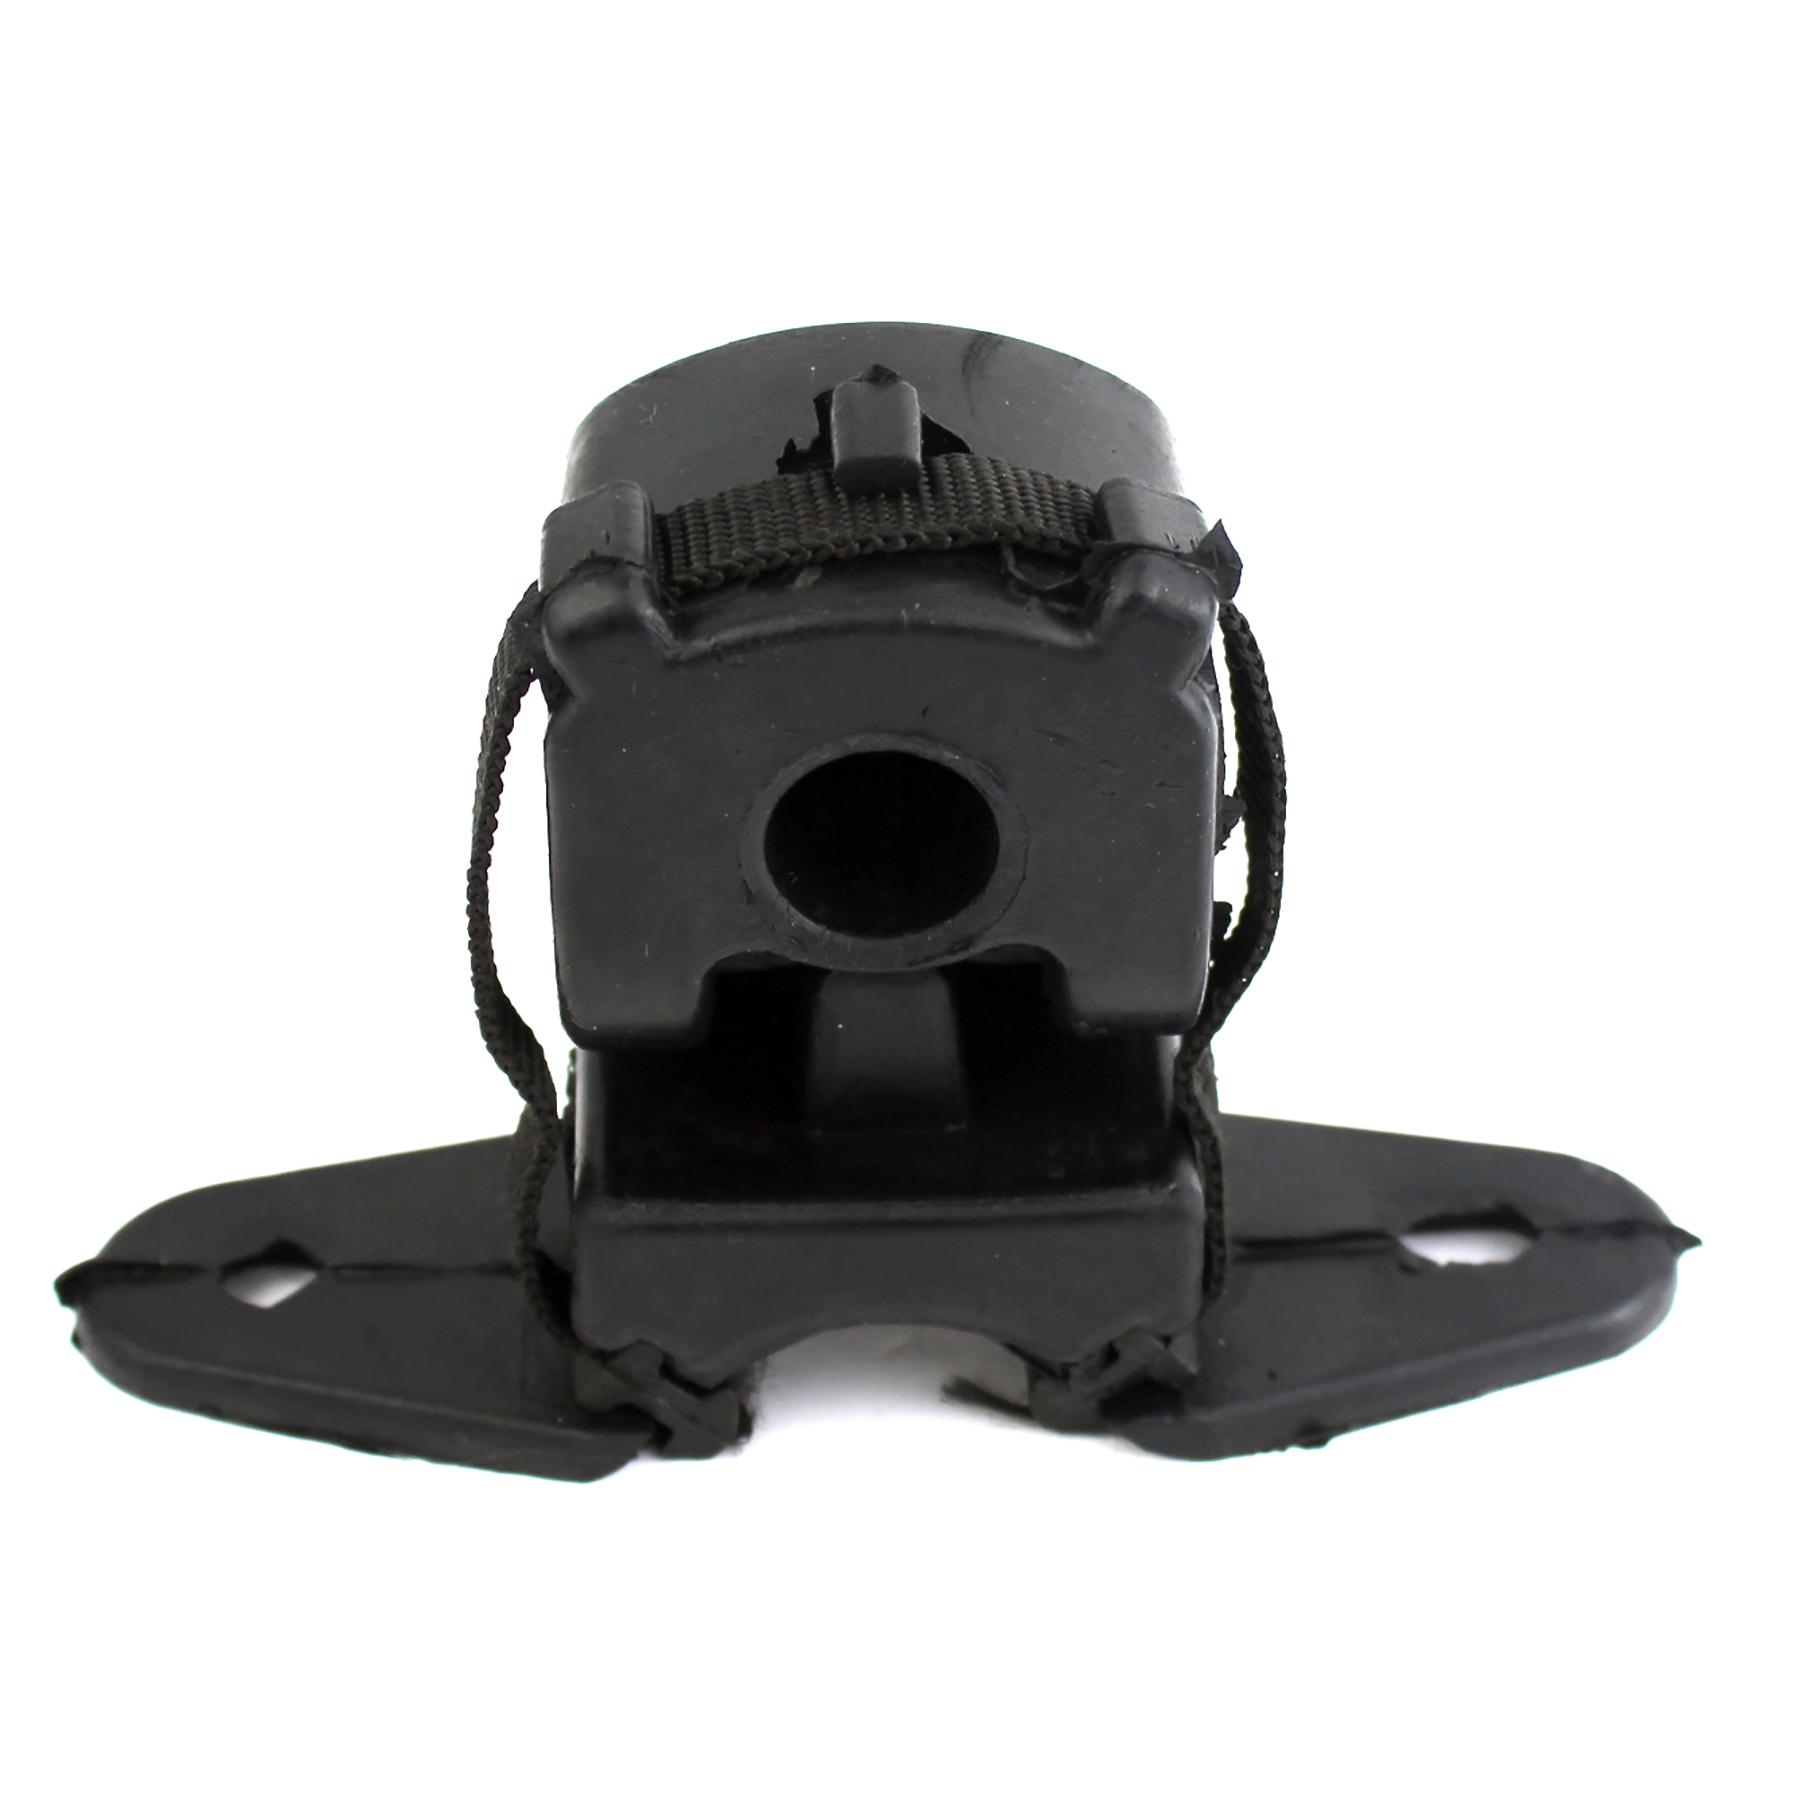 2.0 HDi Citroen GRAND PICASSO REAR EXHAUST SILENCER HANGER BRACKET 1.6 mount